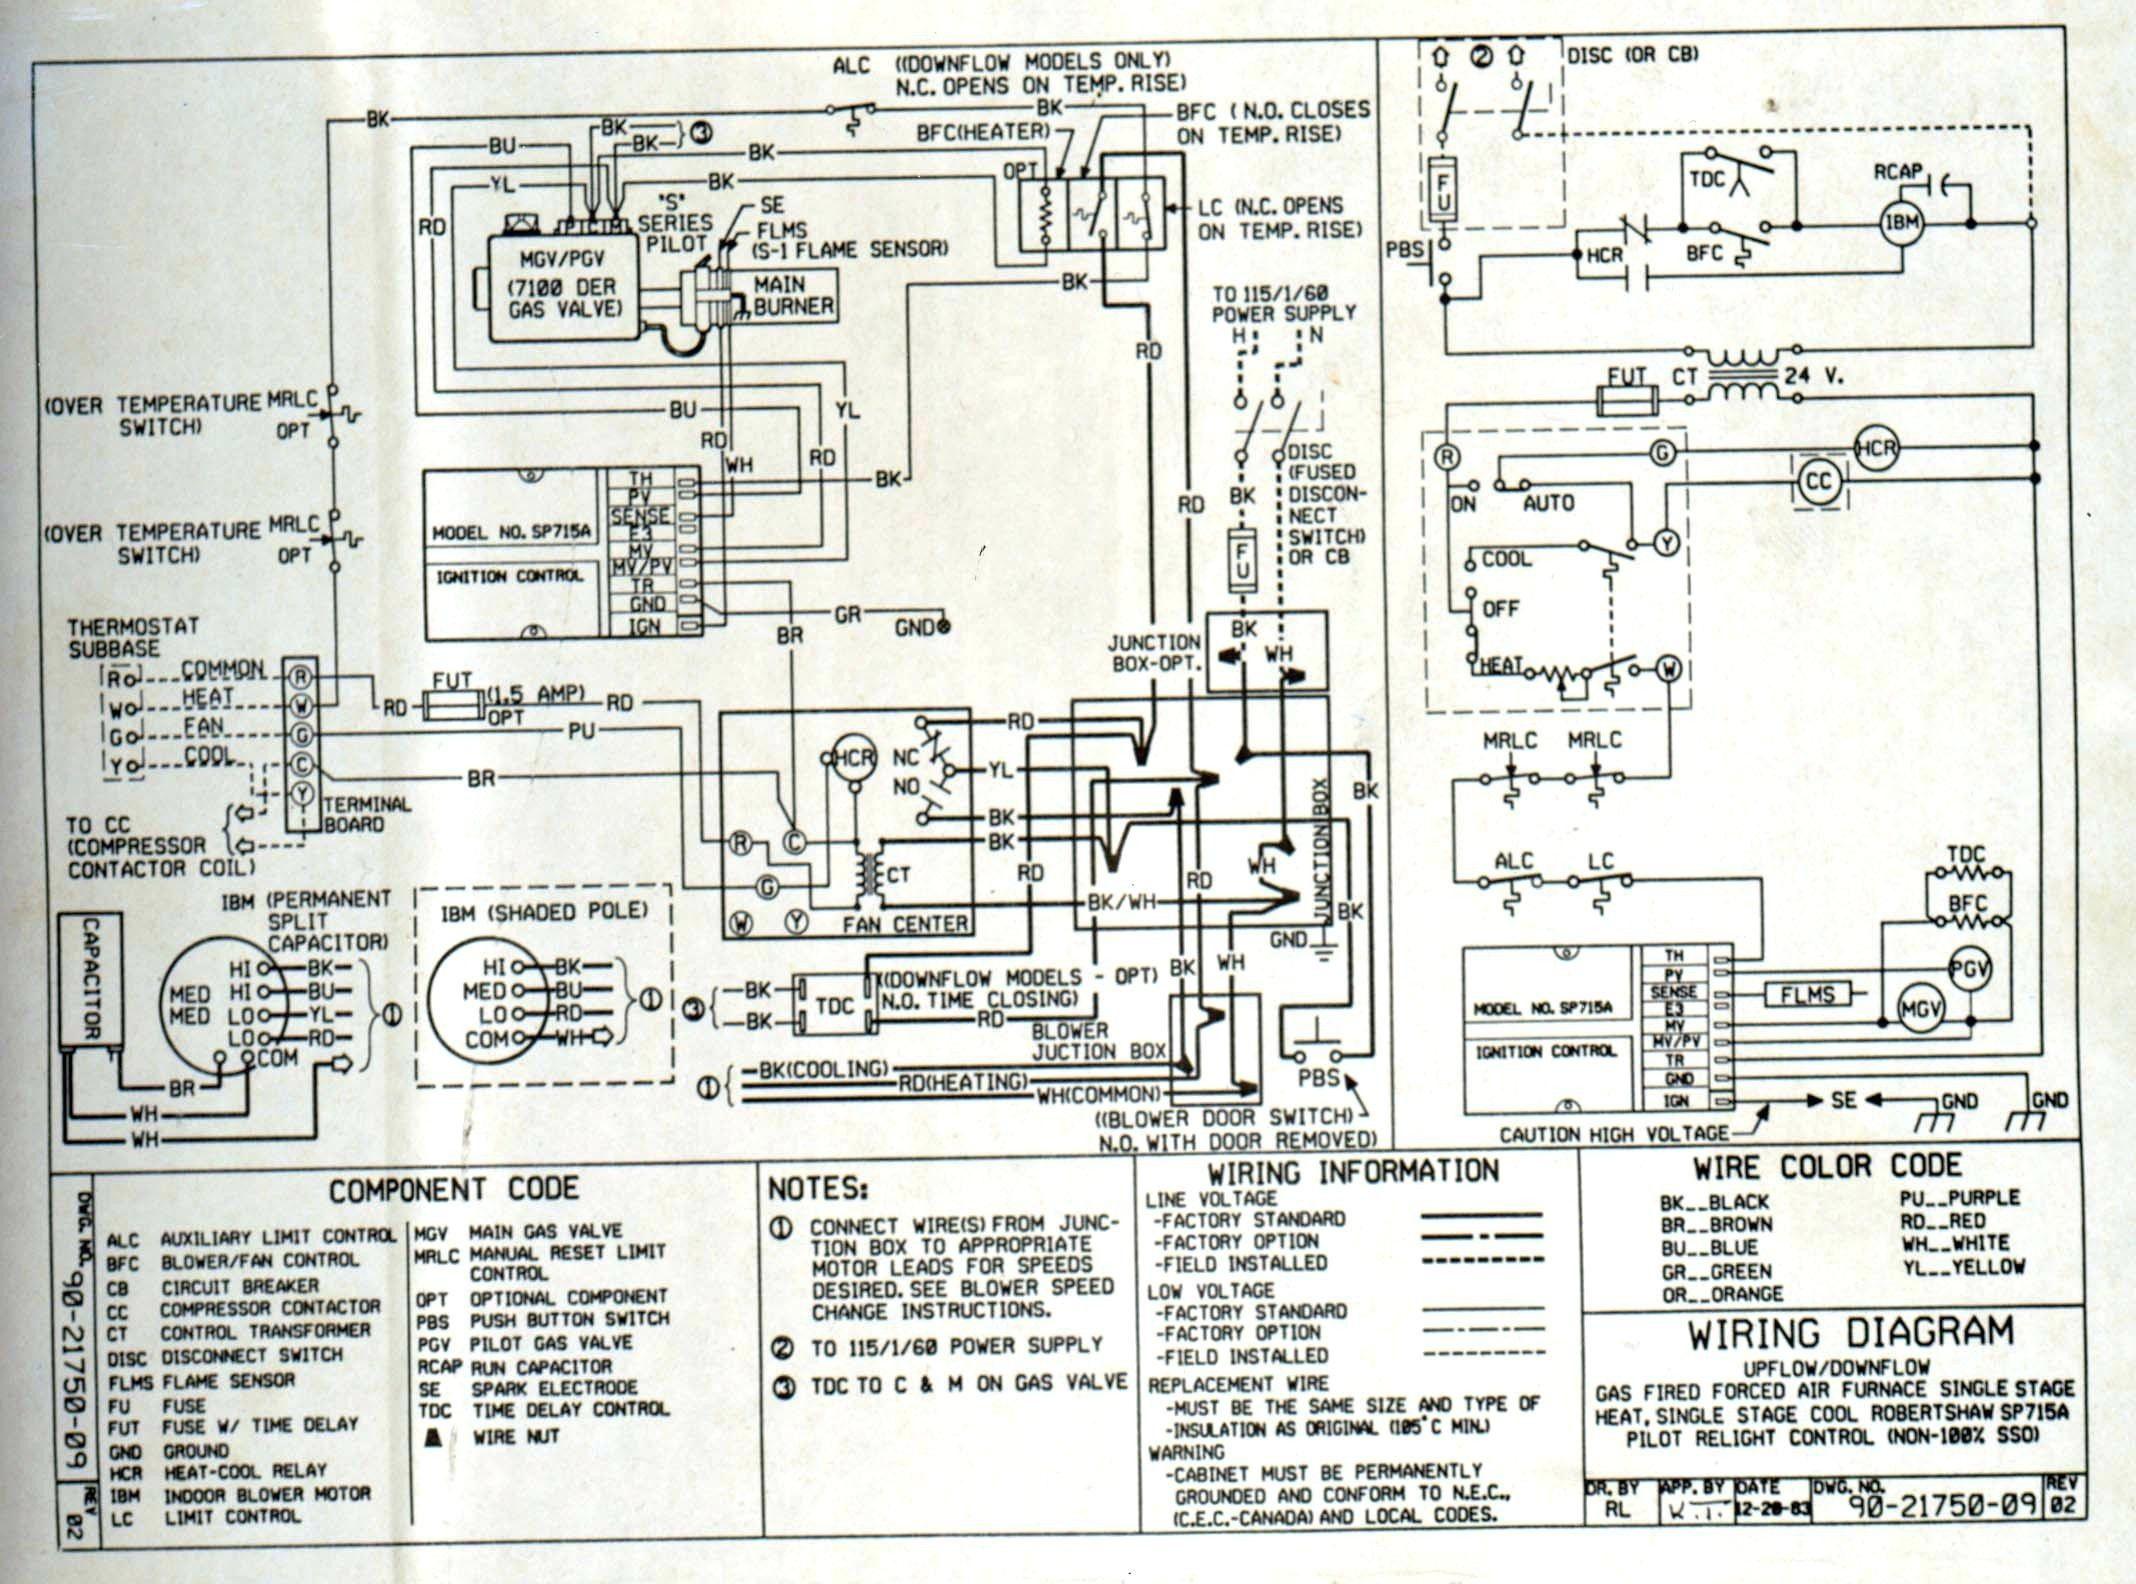 Fresh Wiring Diagram Design Sample Free Diagrams Digramssample Diagramimages Electrical Diagram Diagram Diagram Design